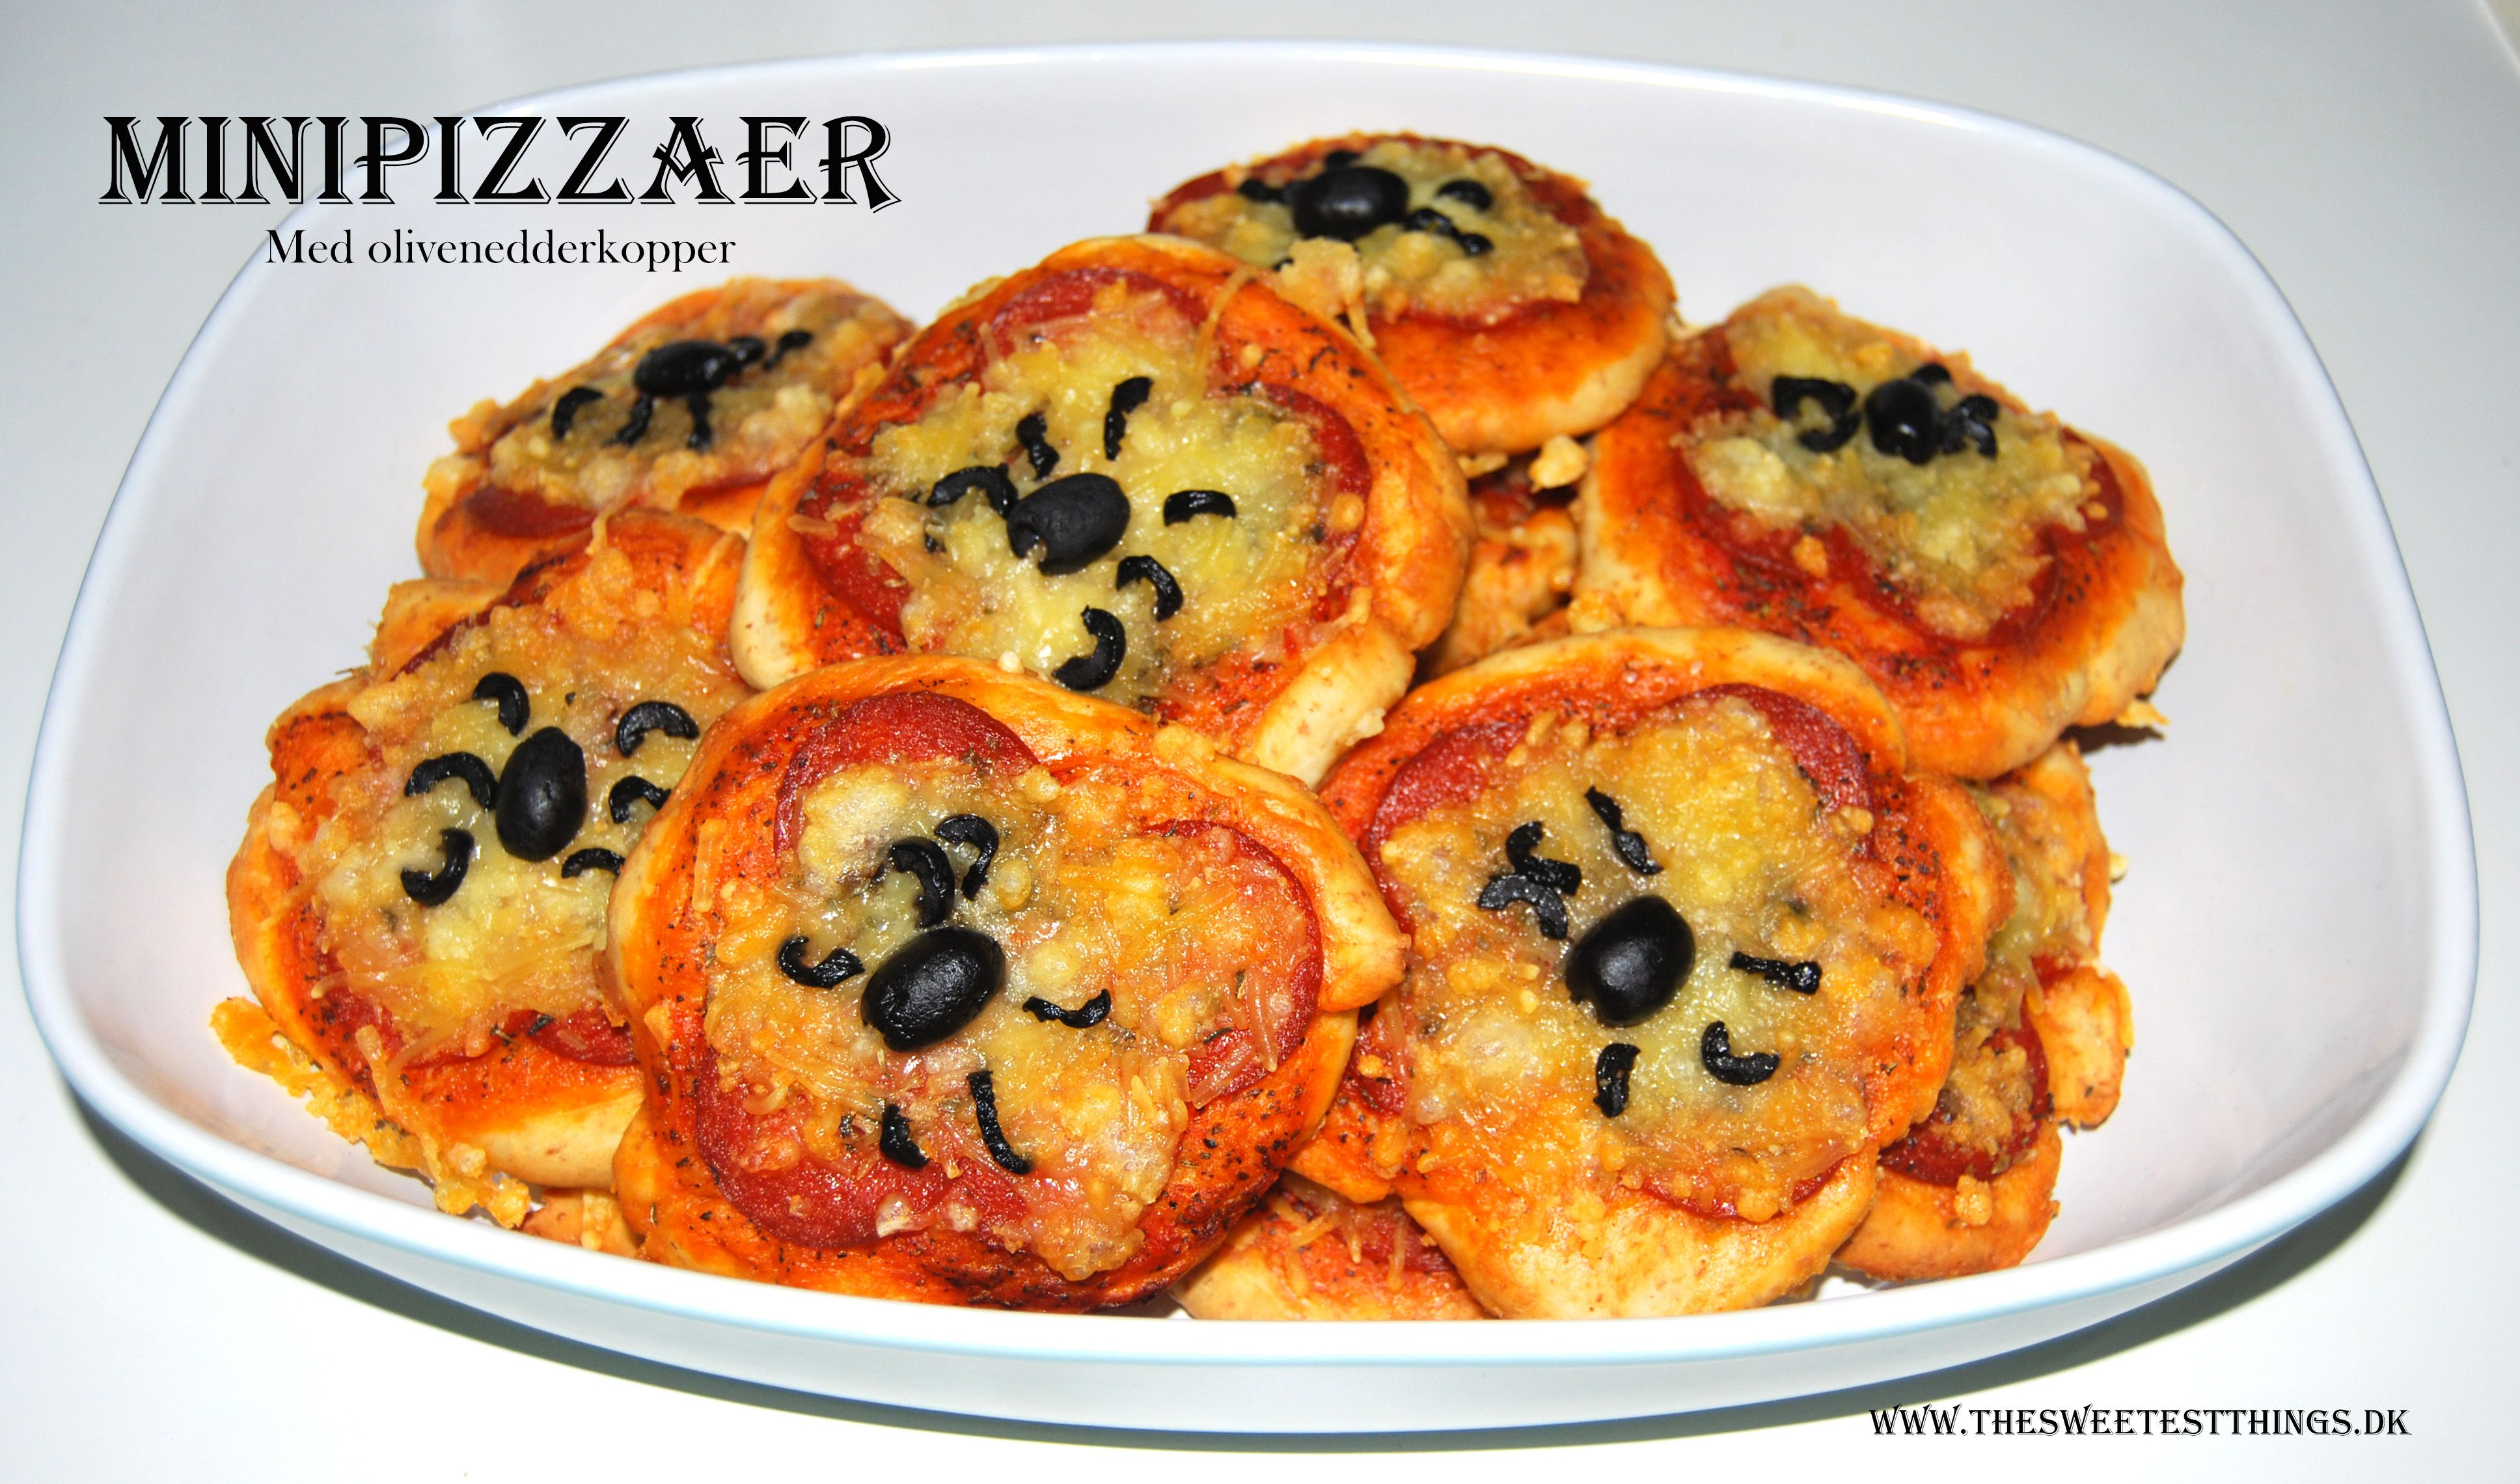 Minipizzaer… MUMS! Der er ikke mange, der ikke elsker at snuppe en pizzahapser med i hånden. Til Halloweenfesten lavede jeg disse små håndrette mundfulde pyntet med krybende edderkopper. Og d…